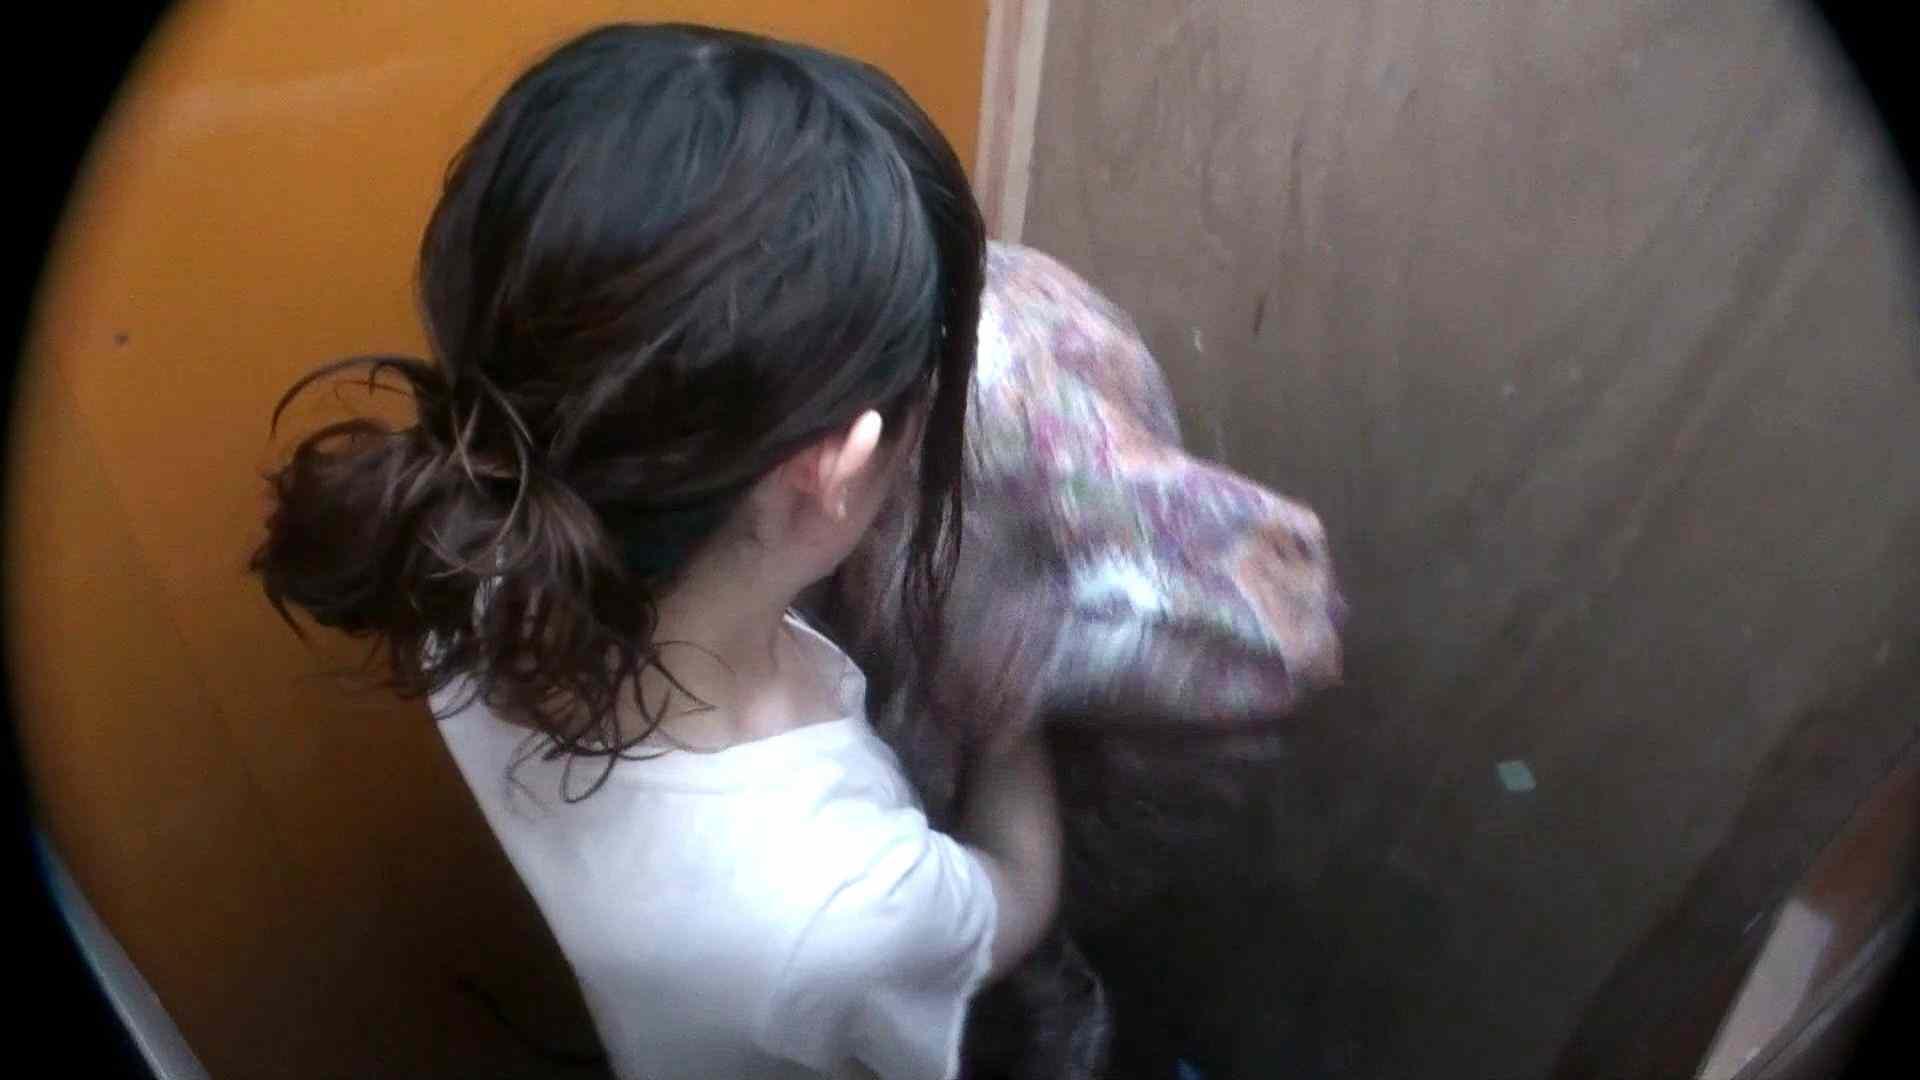 シャワールームは超!!危険な香りVol.29 こっちを向いて欲しい貧乳姉さん シャワー 性交動画流出 69画像 7